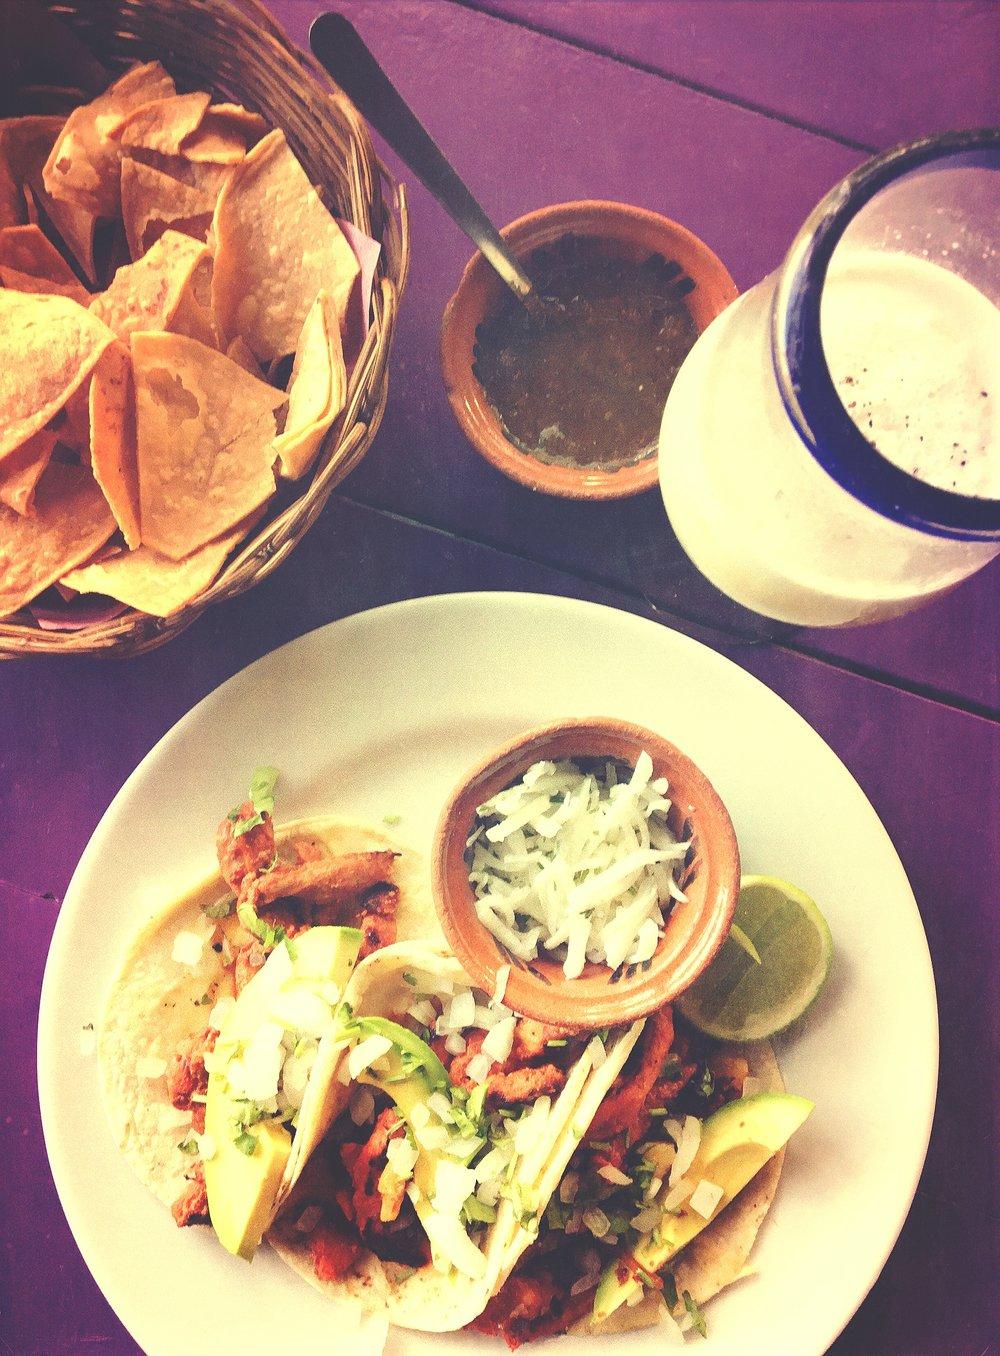 Tacos + Pina Colada @ Charlie's